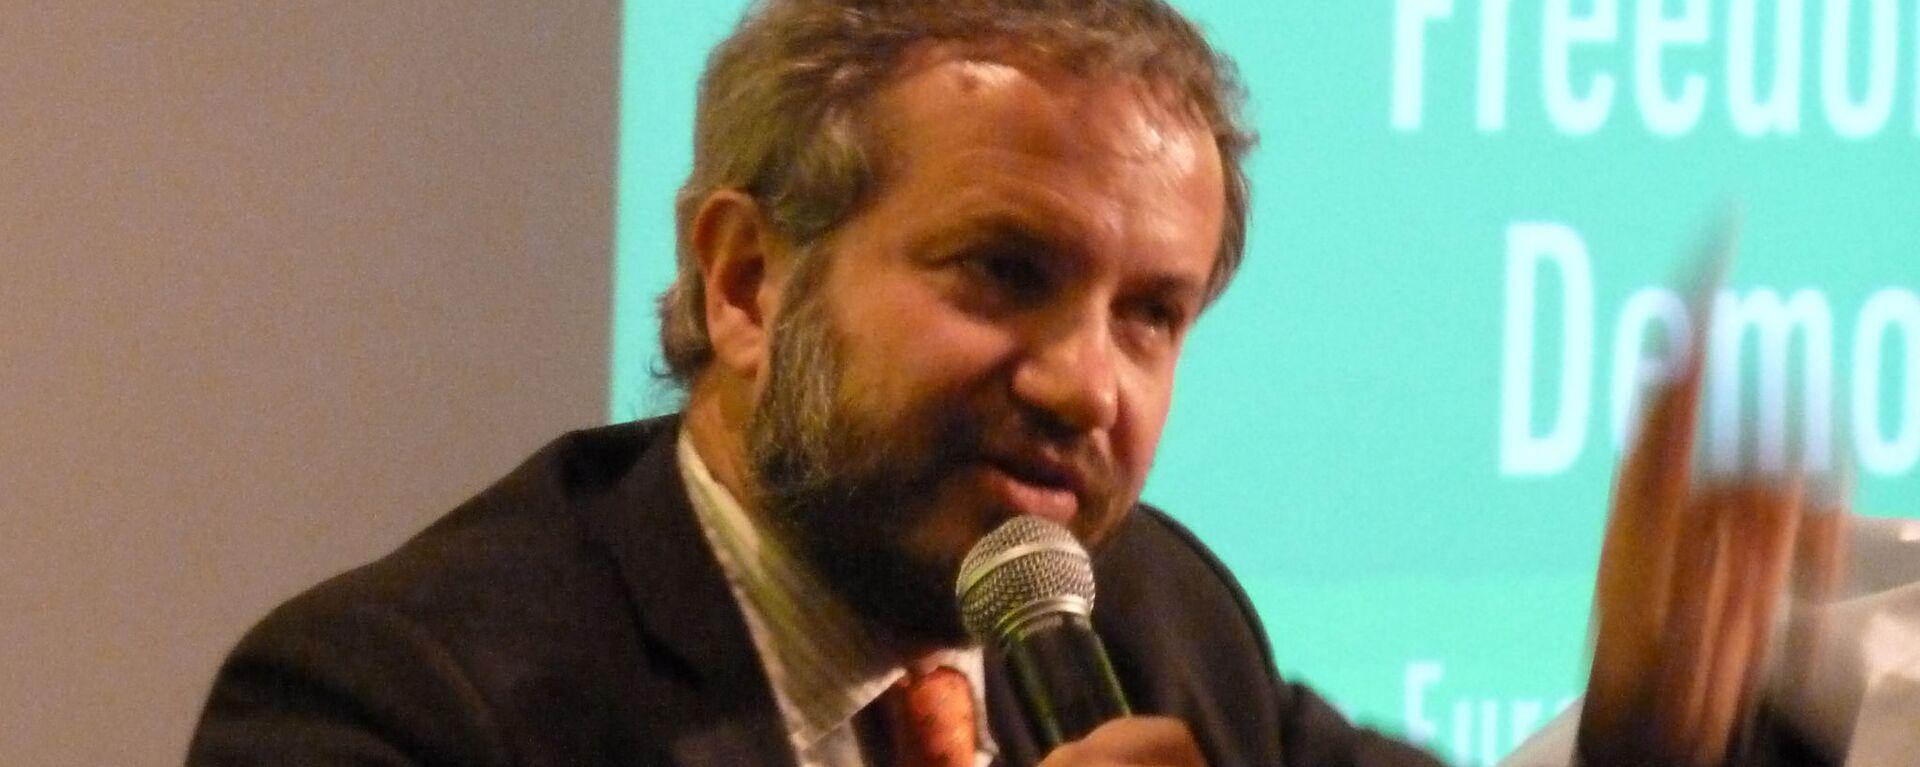 Claudio Borghi, noto anche come Claudio Borghi Aquilini, è un politico italiano, deputato per la Lega dal 2018 - Sputnik Italia, 1920, 25.07.2021